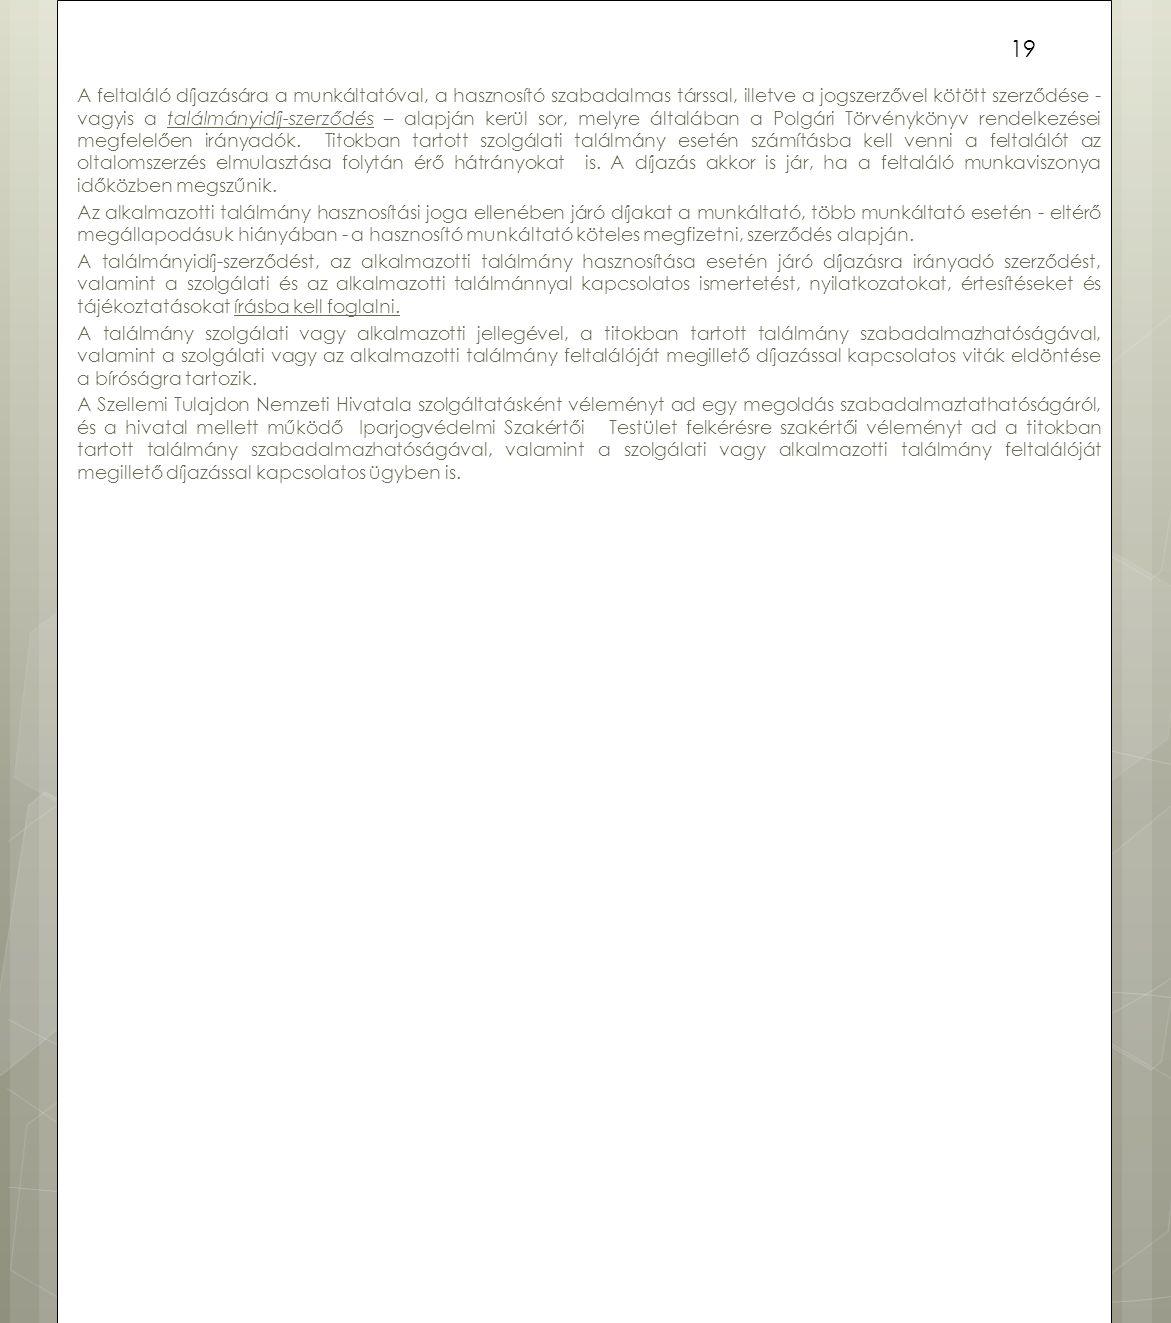 A feltaláló díjazására a munkáltatóval, a hasznosító szabadalmas társsal, illetve a jogszerzővel kötött szerződése - vagyis a találmányidíj-szerződés